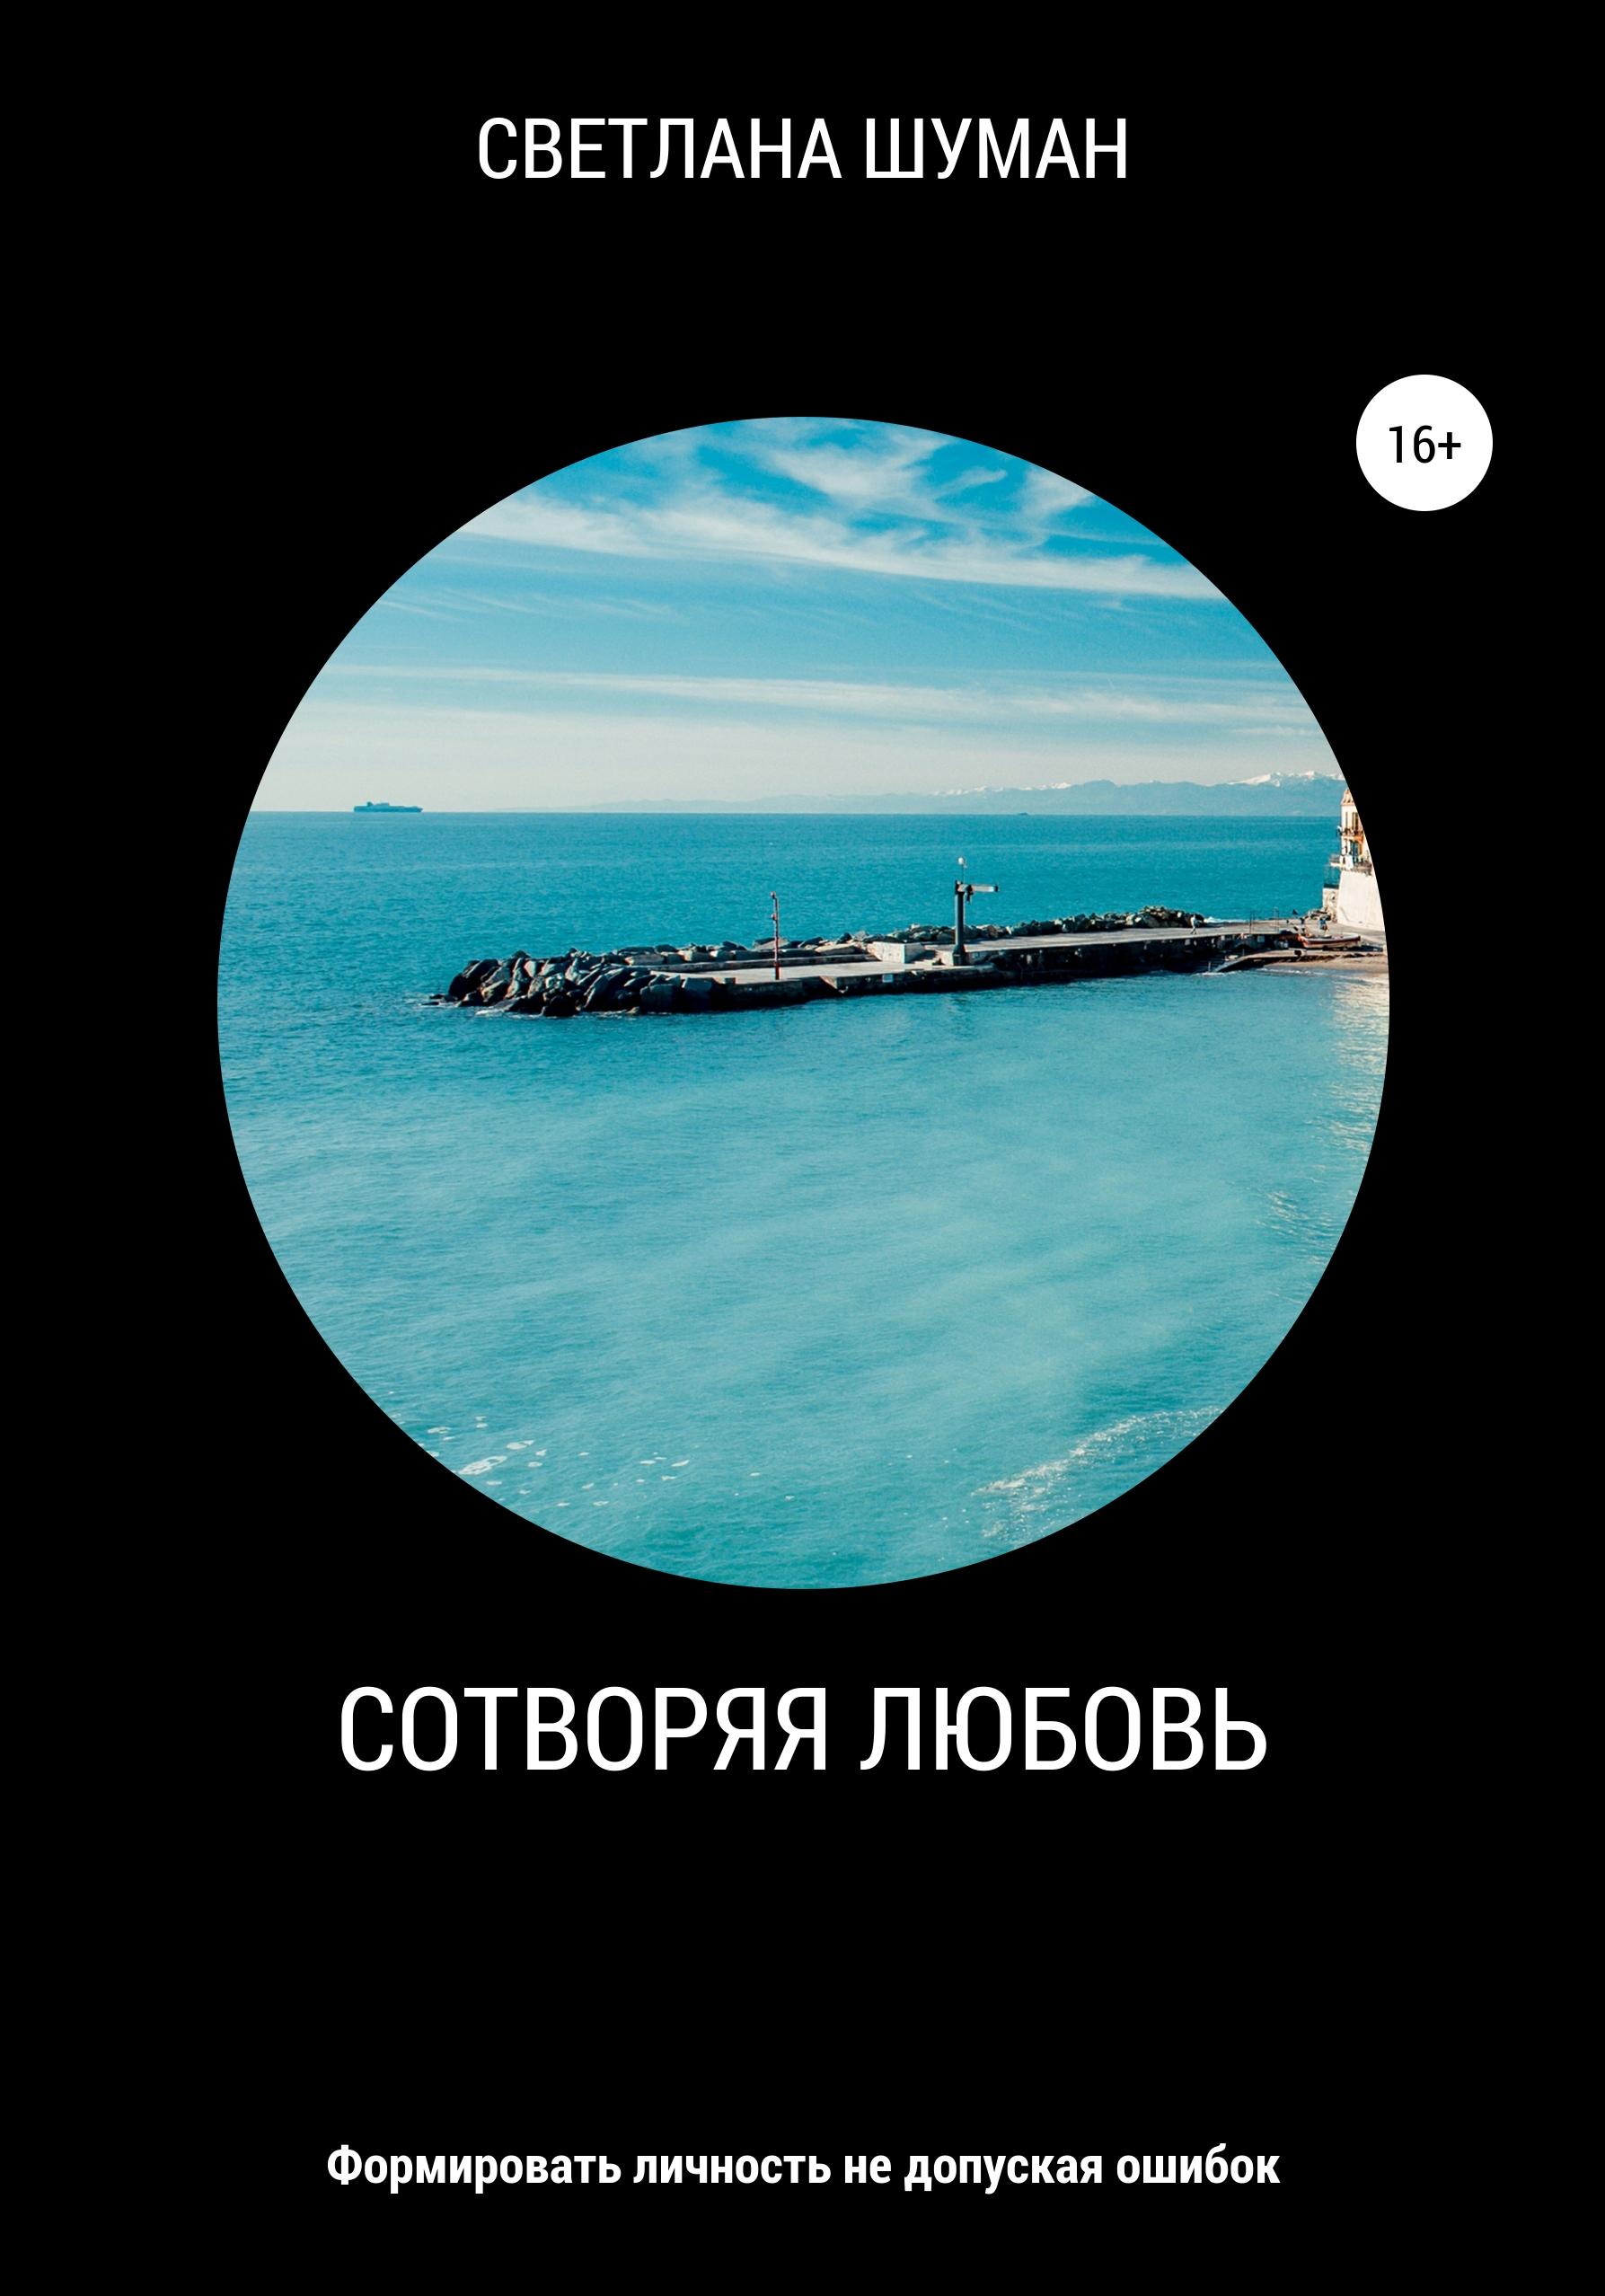 Светлана Шуман - Сотворяя любовь. Формировать личность не допуская ошибок